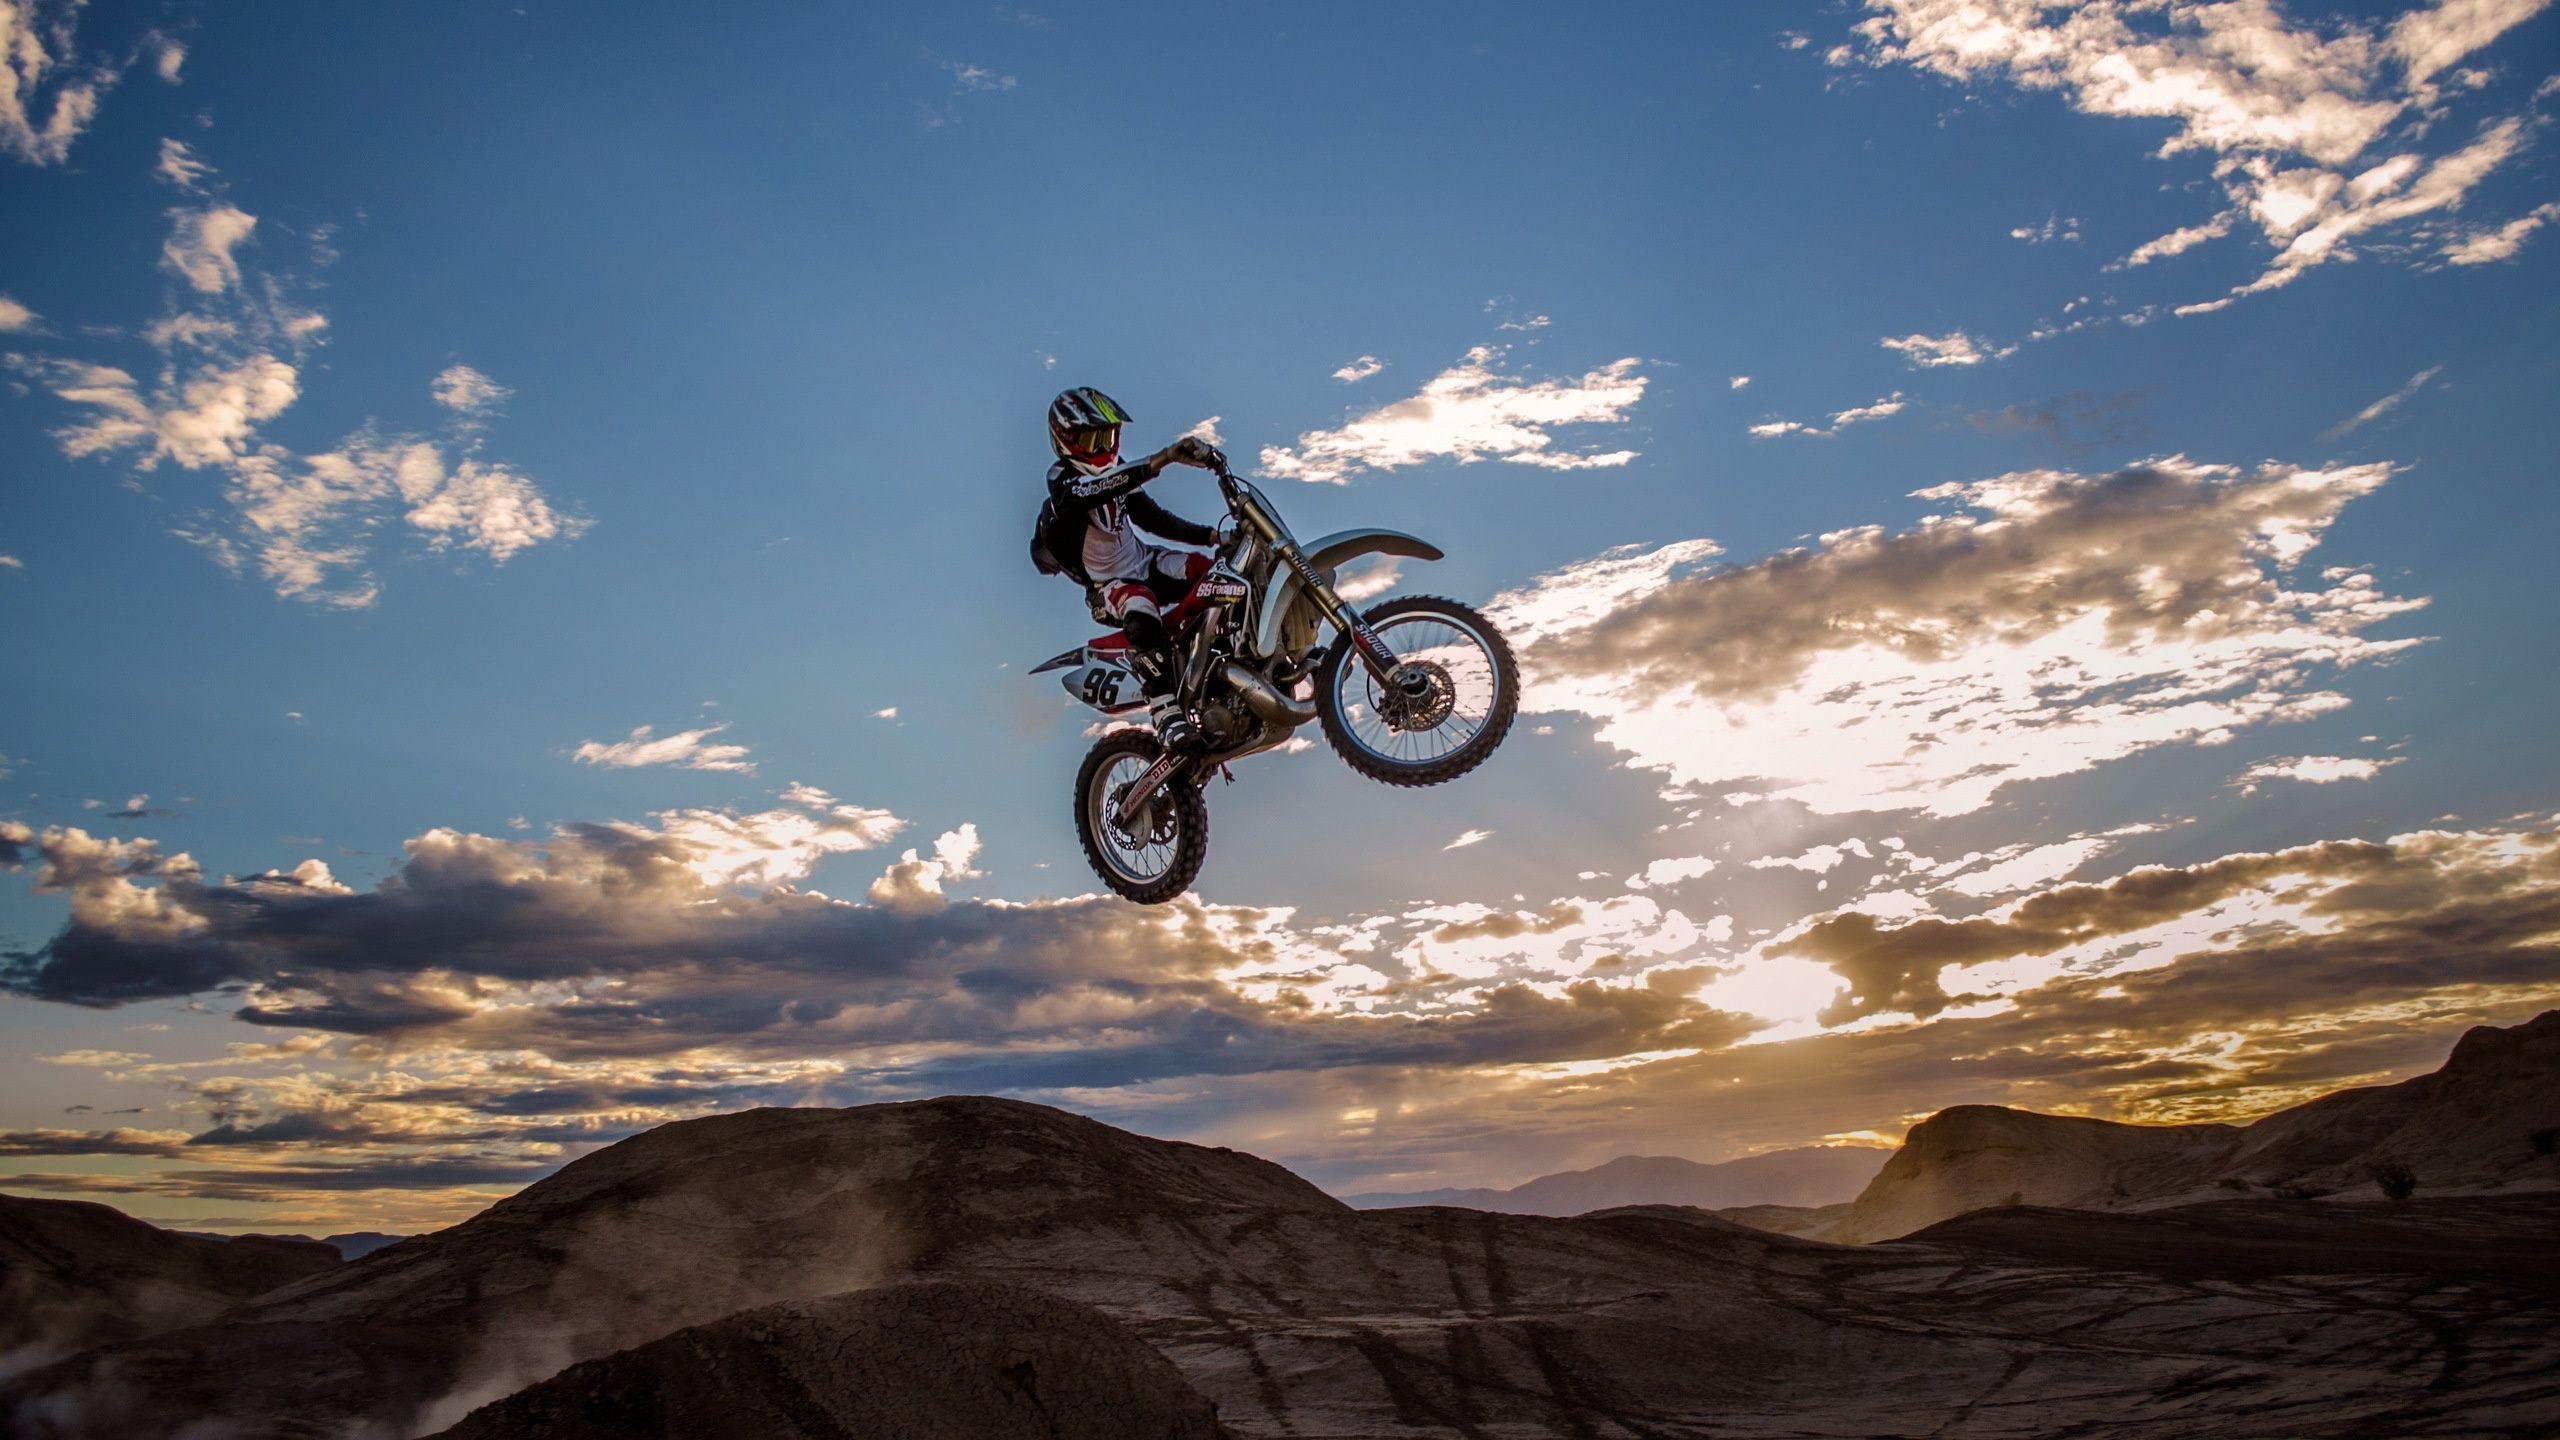 Motocross Girl Wallpaper Hd